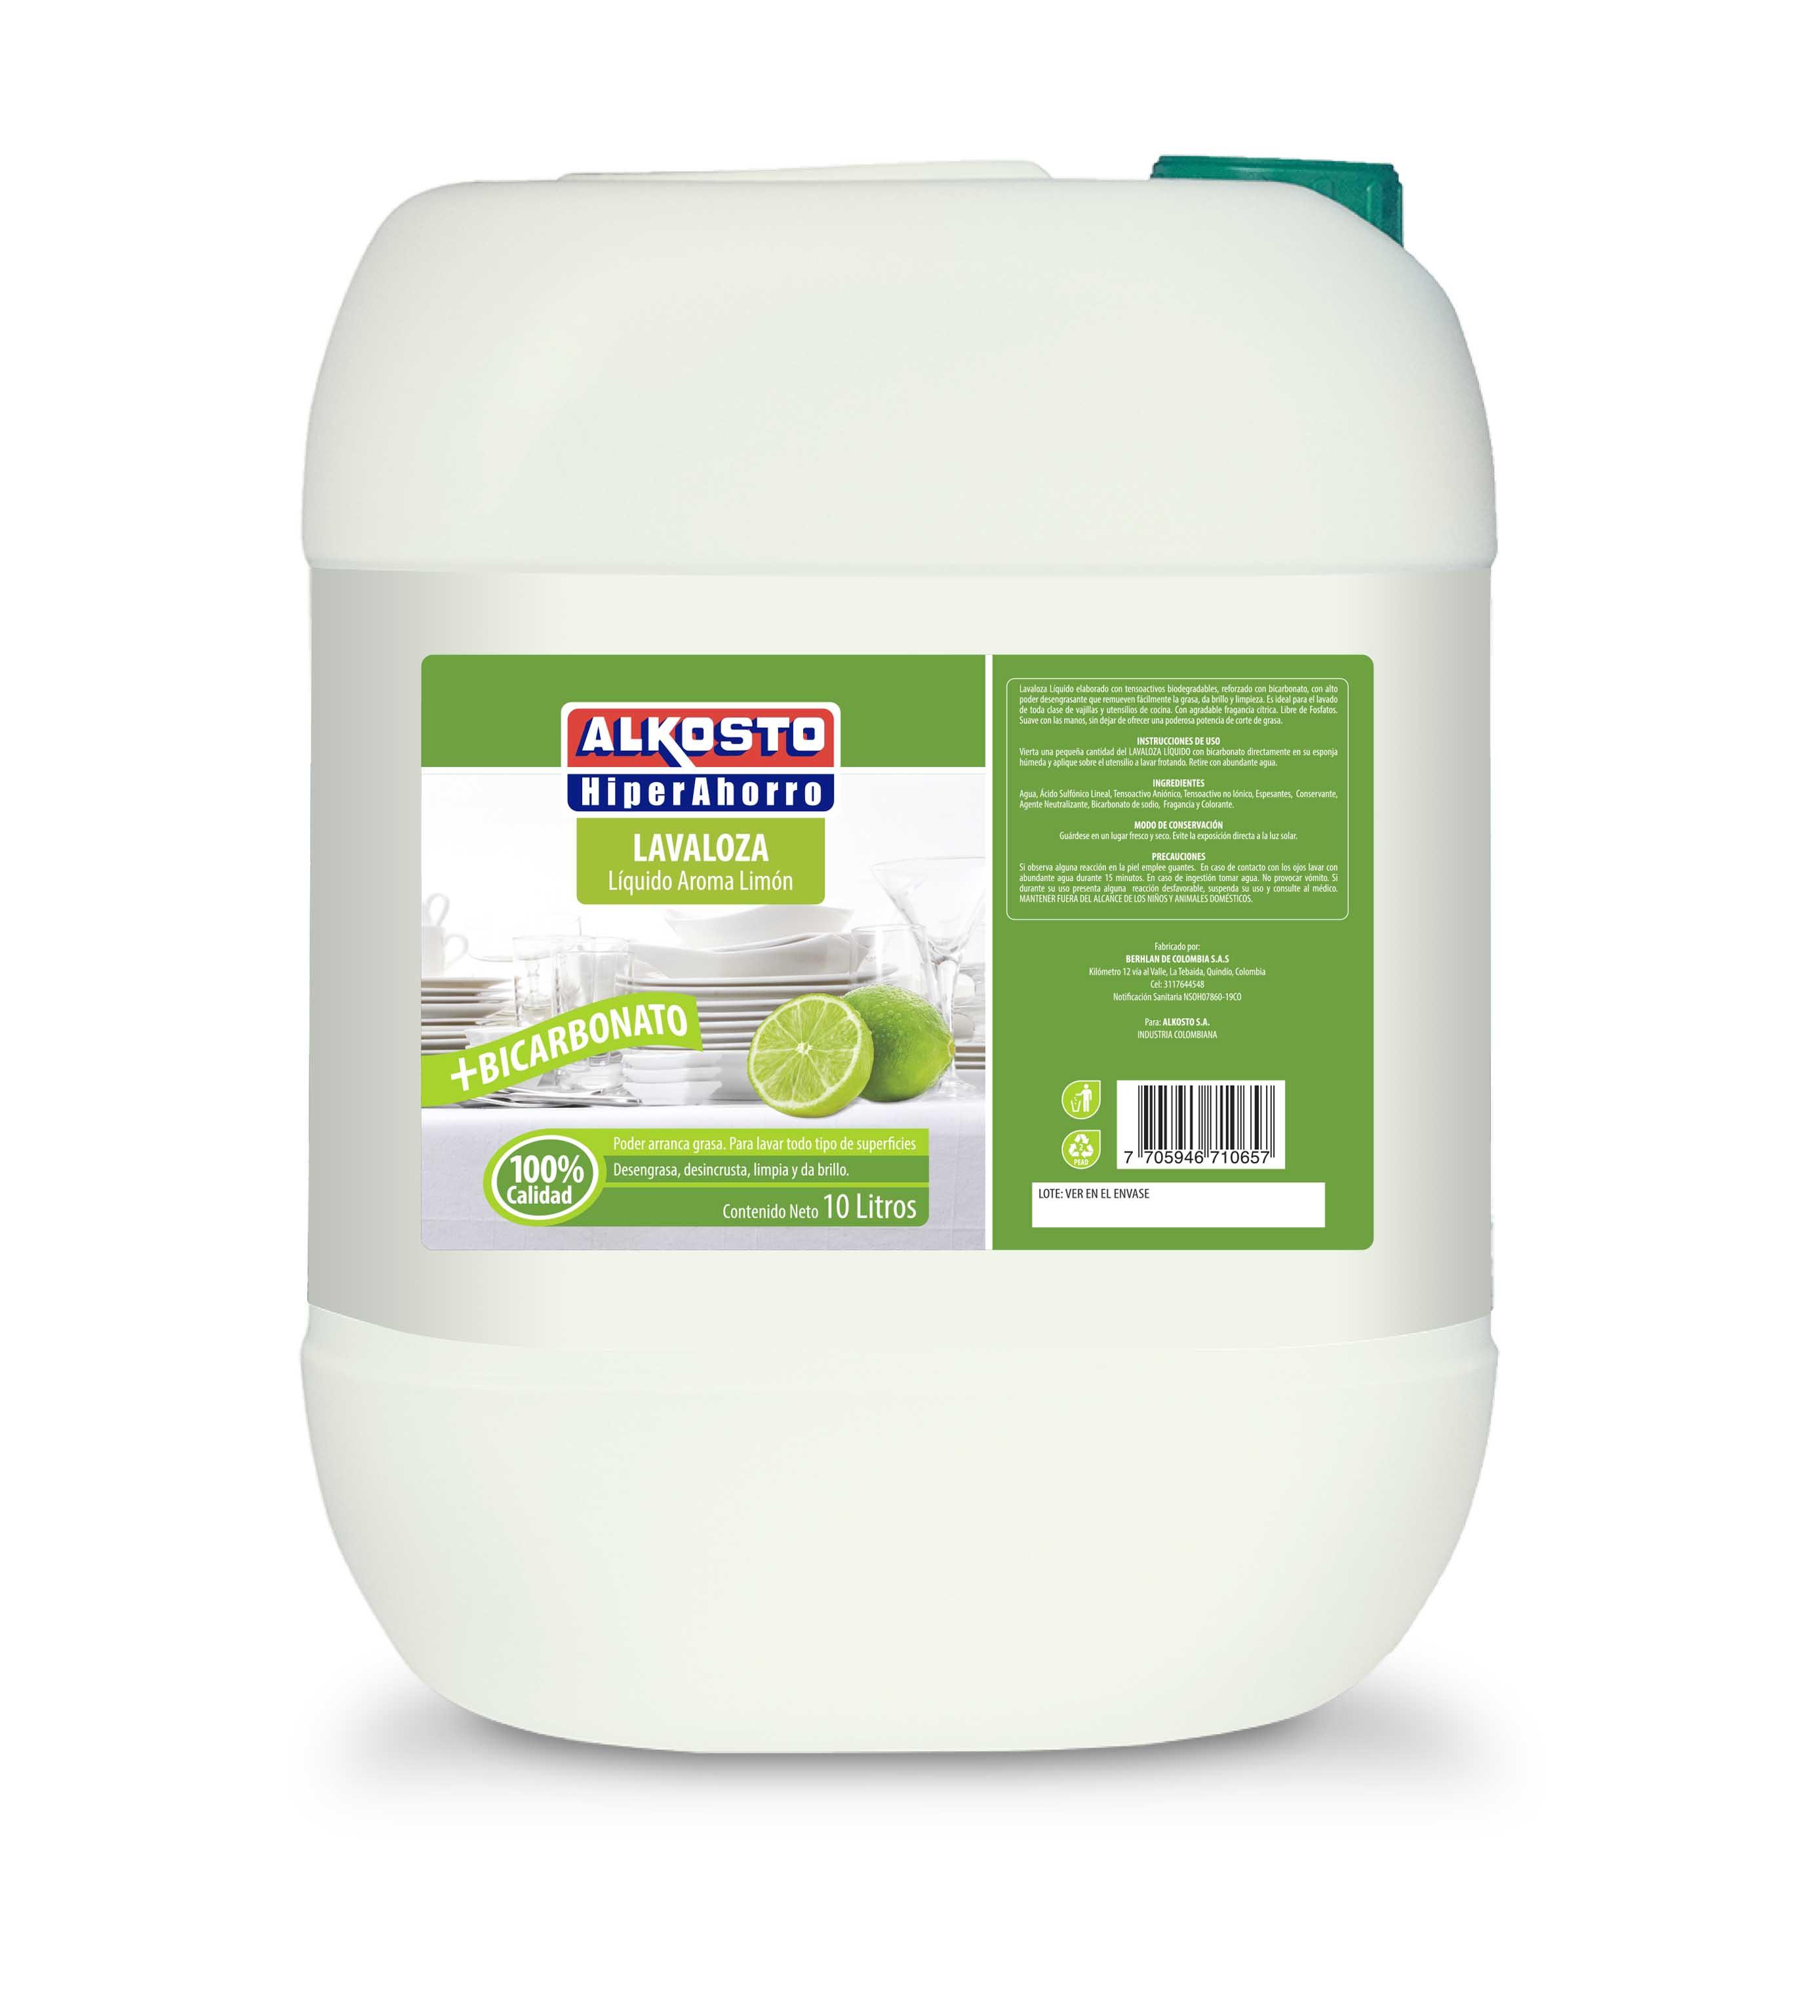 Lavaloza Liquido Alkosto Bicarbonato 10l